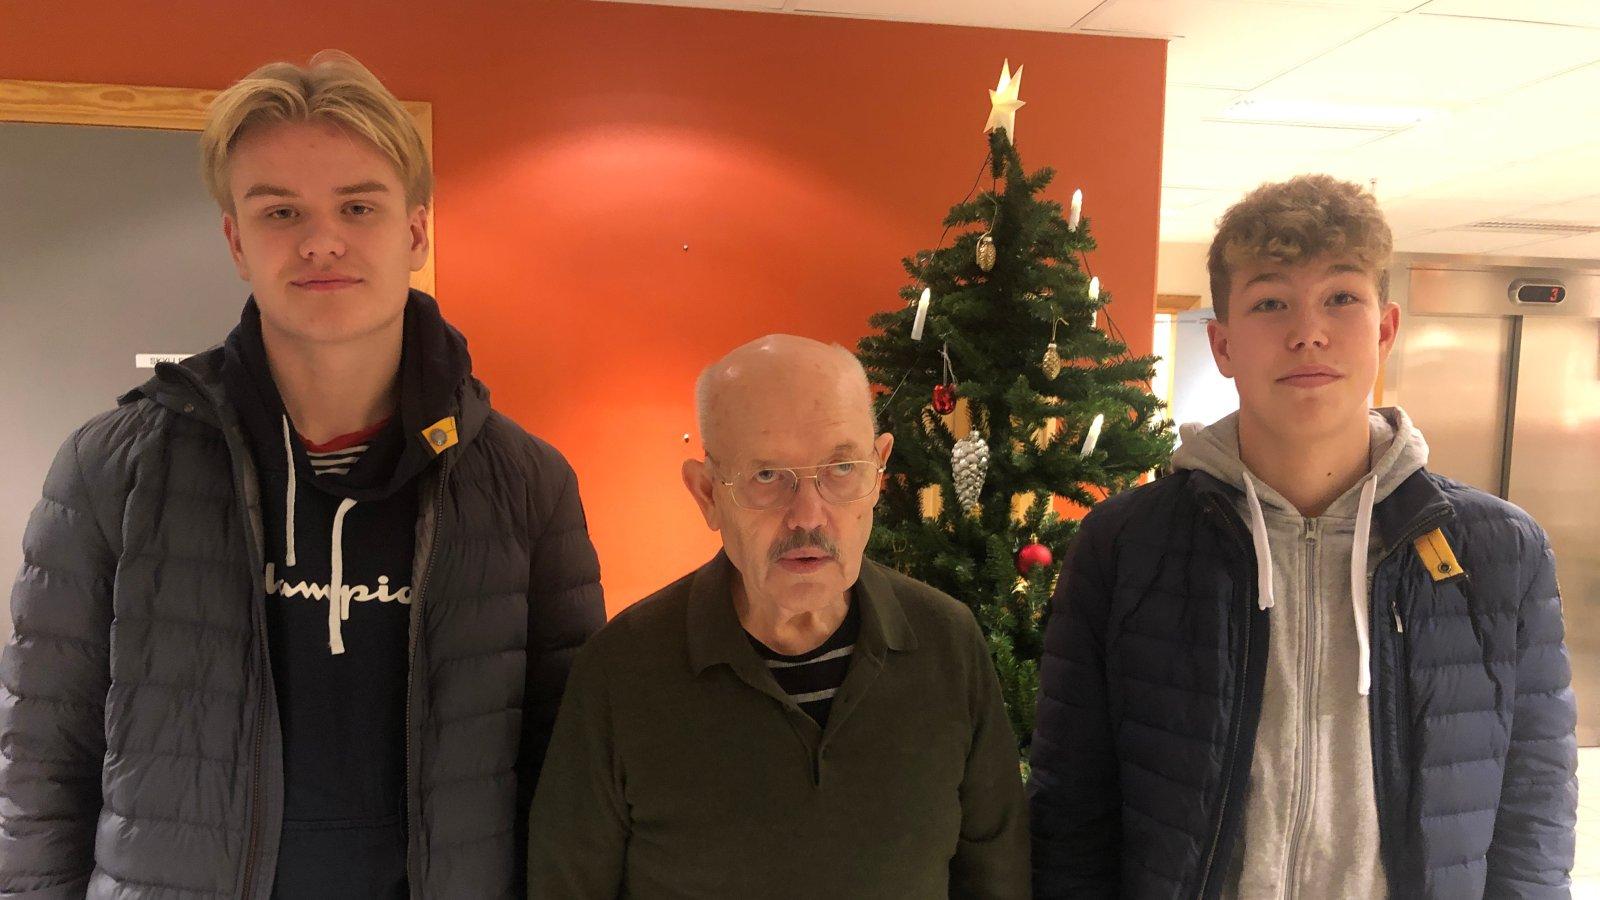 Emil Pedersen, Eilert Mjelle og Truls Hagenes.